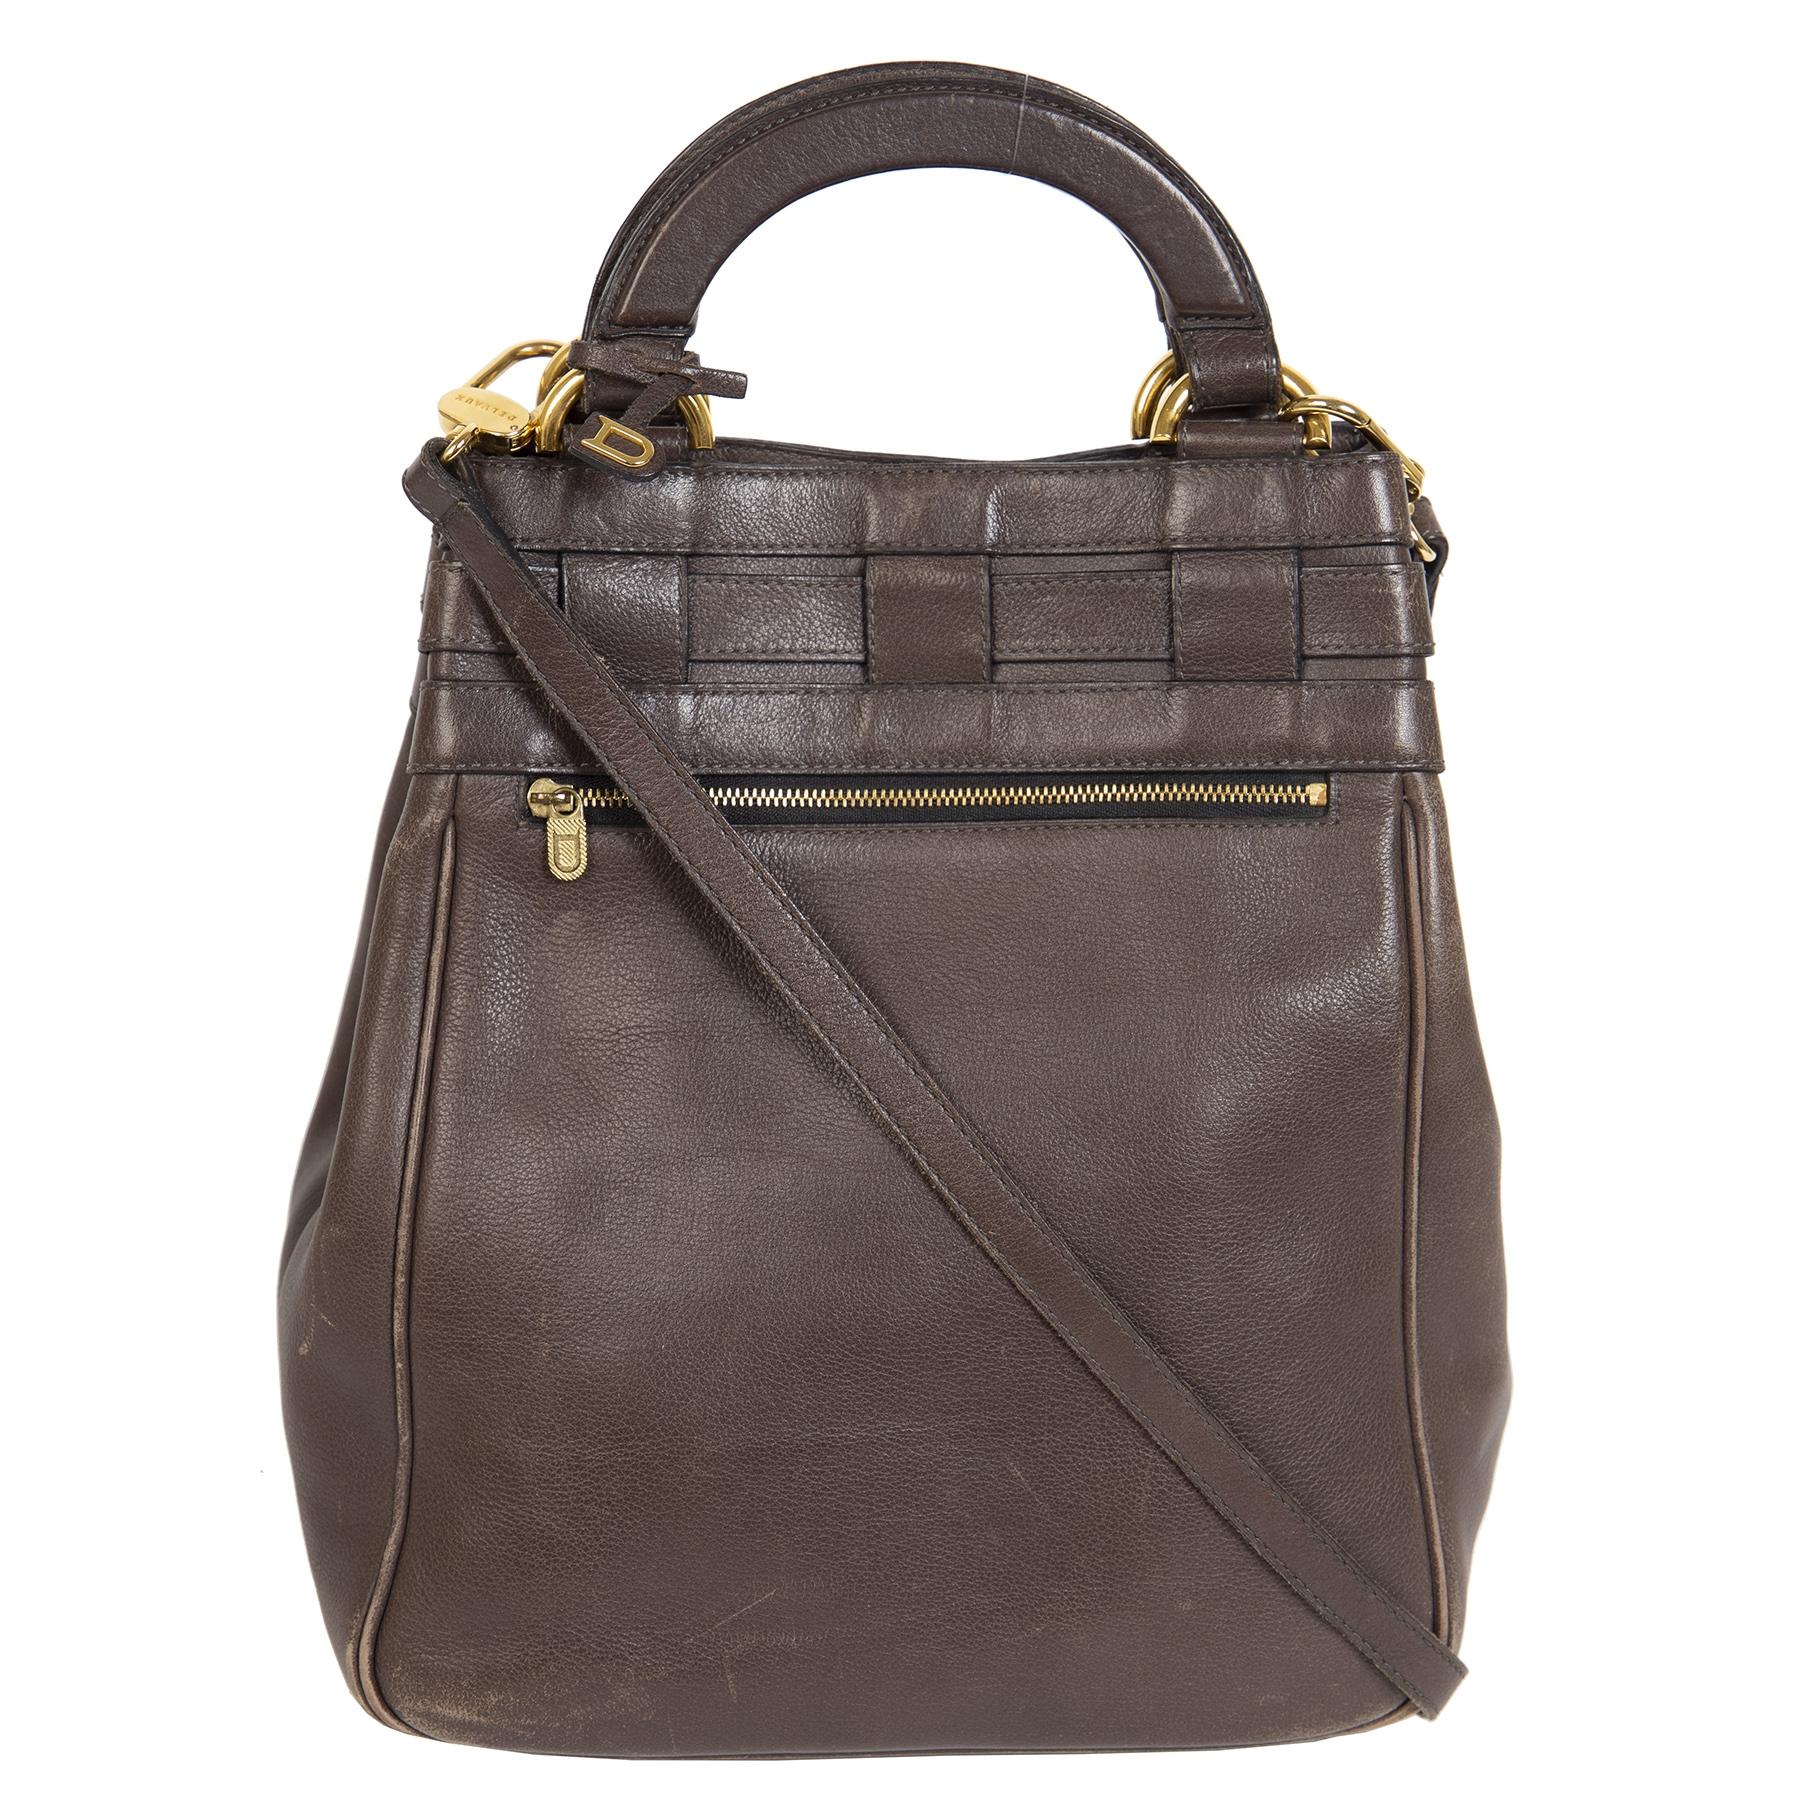 Authentieke Tweedehands Delvaux Dark Brown Leather Shoulder Bag juiste prijs veilig online shoppen luxe merken webshop winkelen Antwerpen België mode fashion